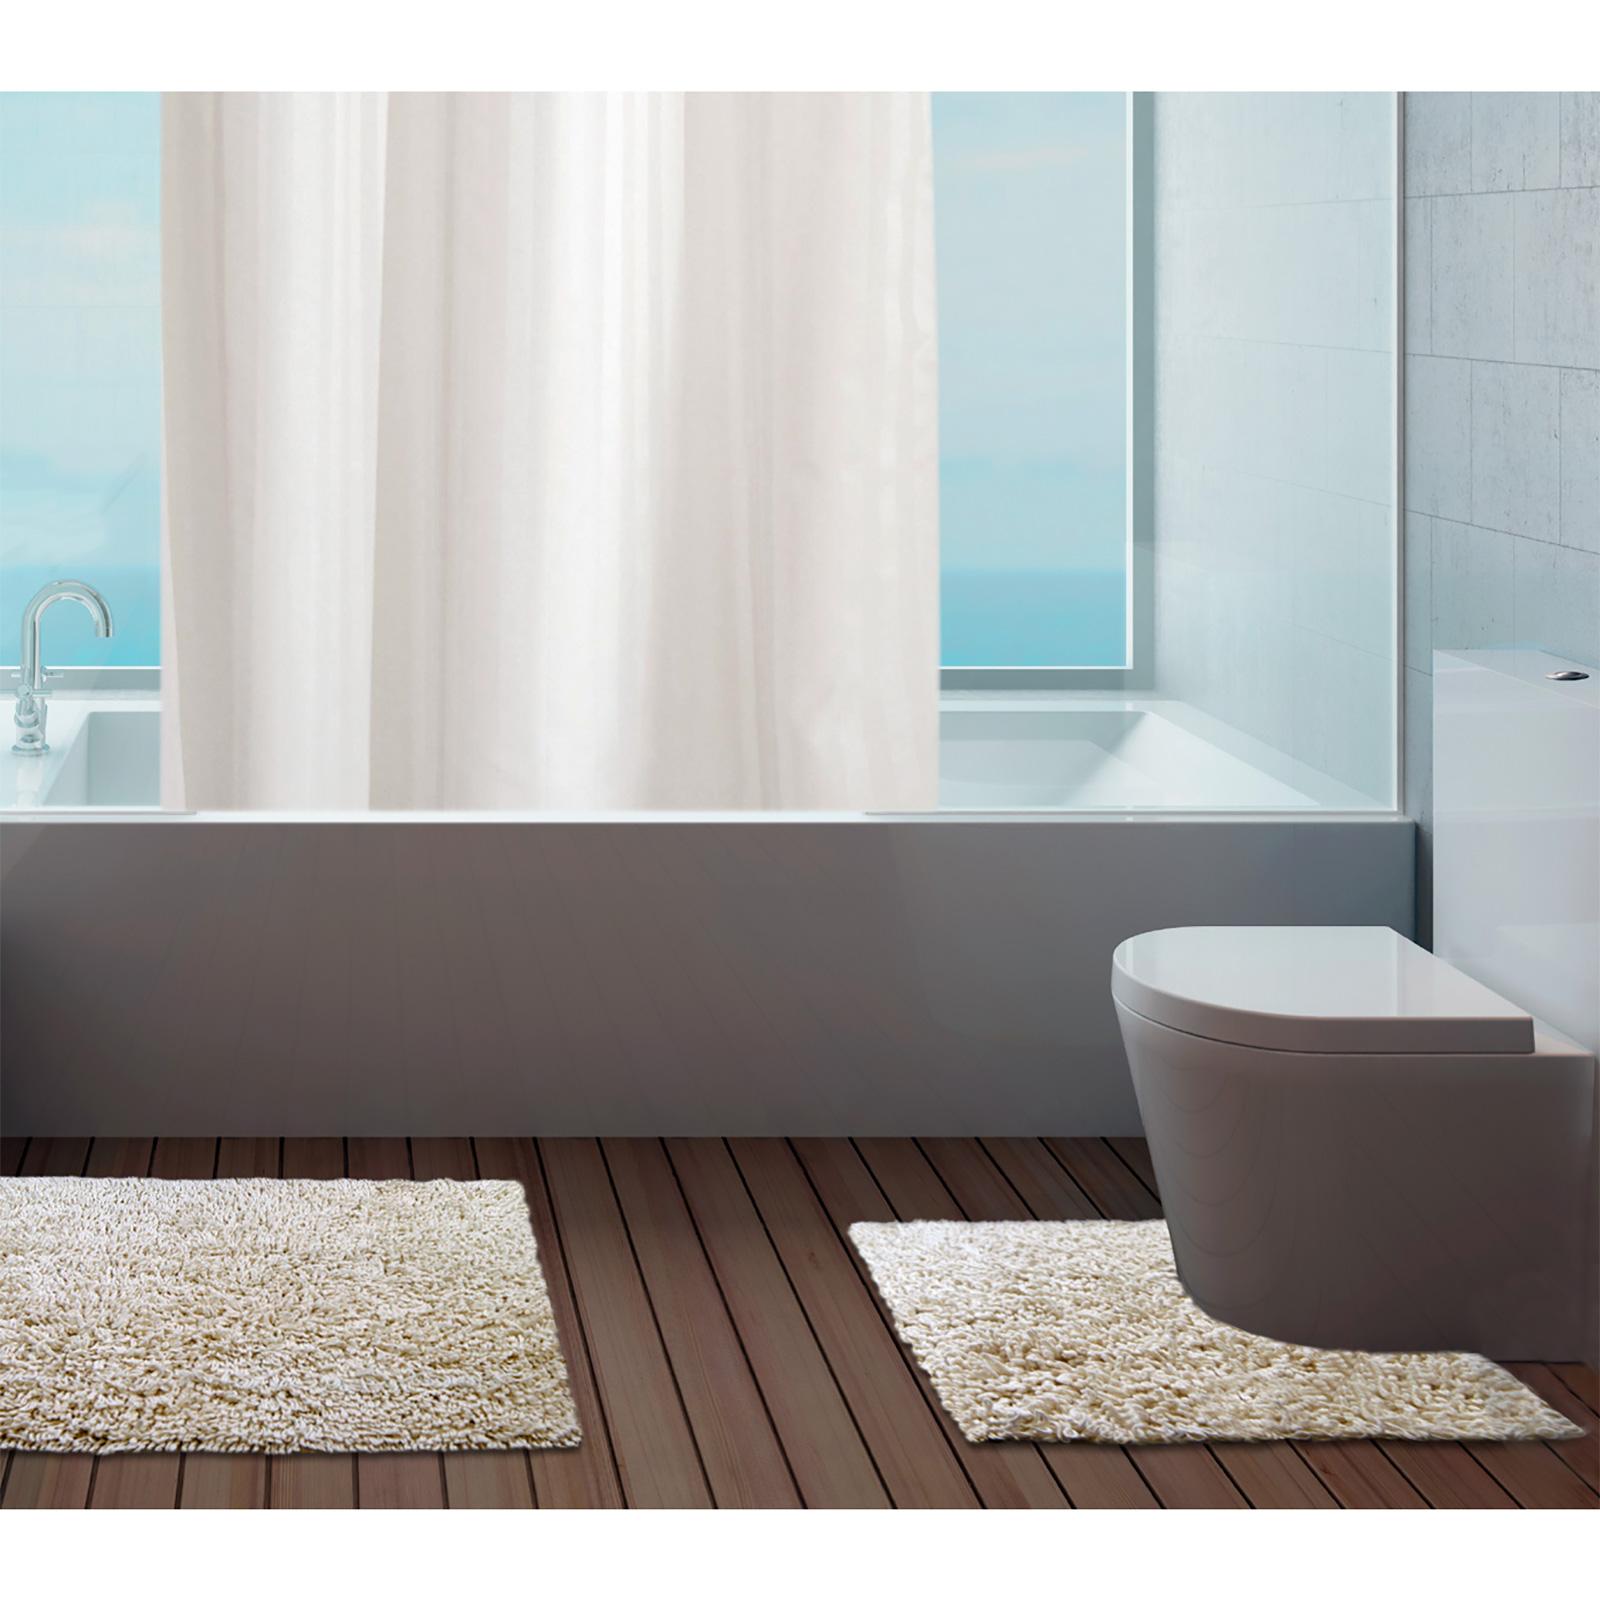 100% Cotton Bathroom Mats Set Washable Bath & Pedestal Mat Sets